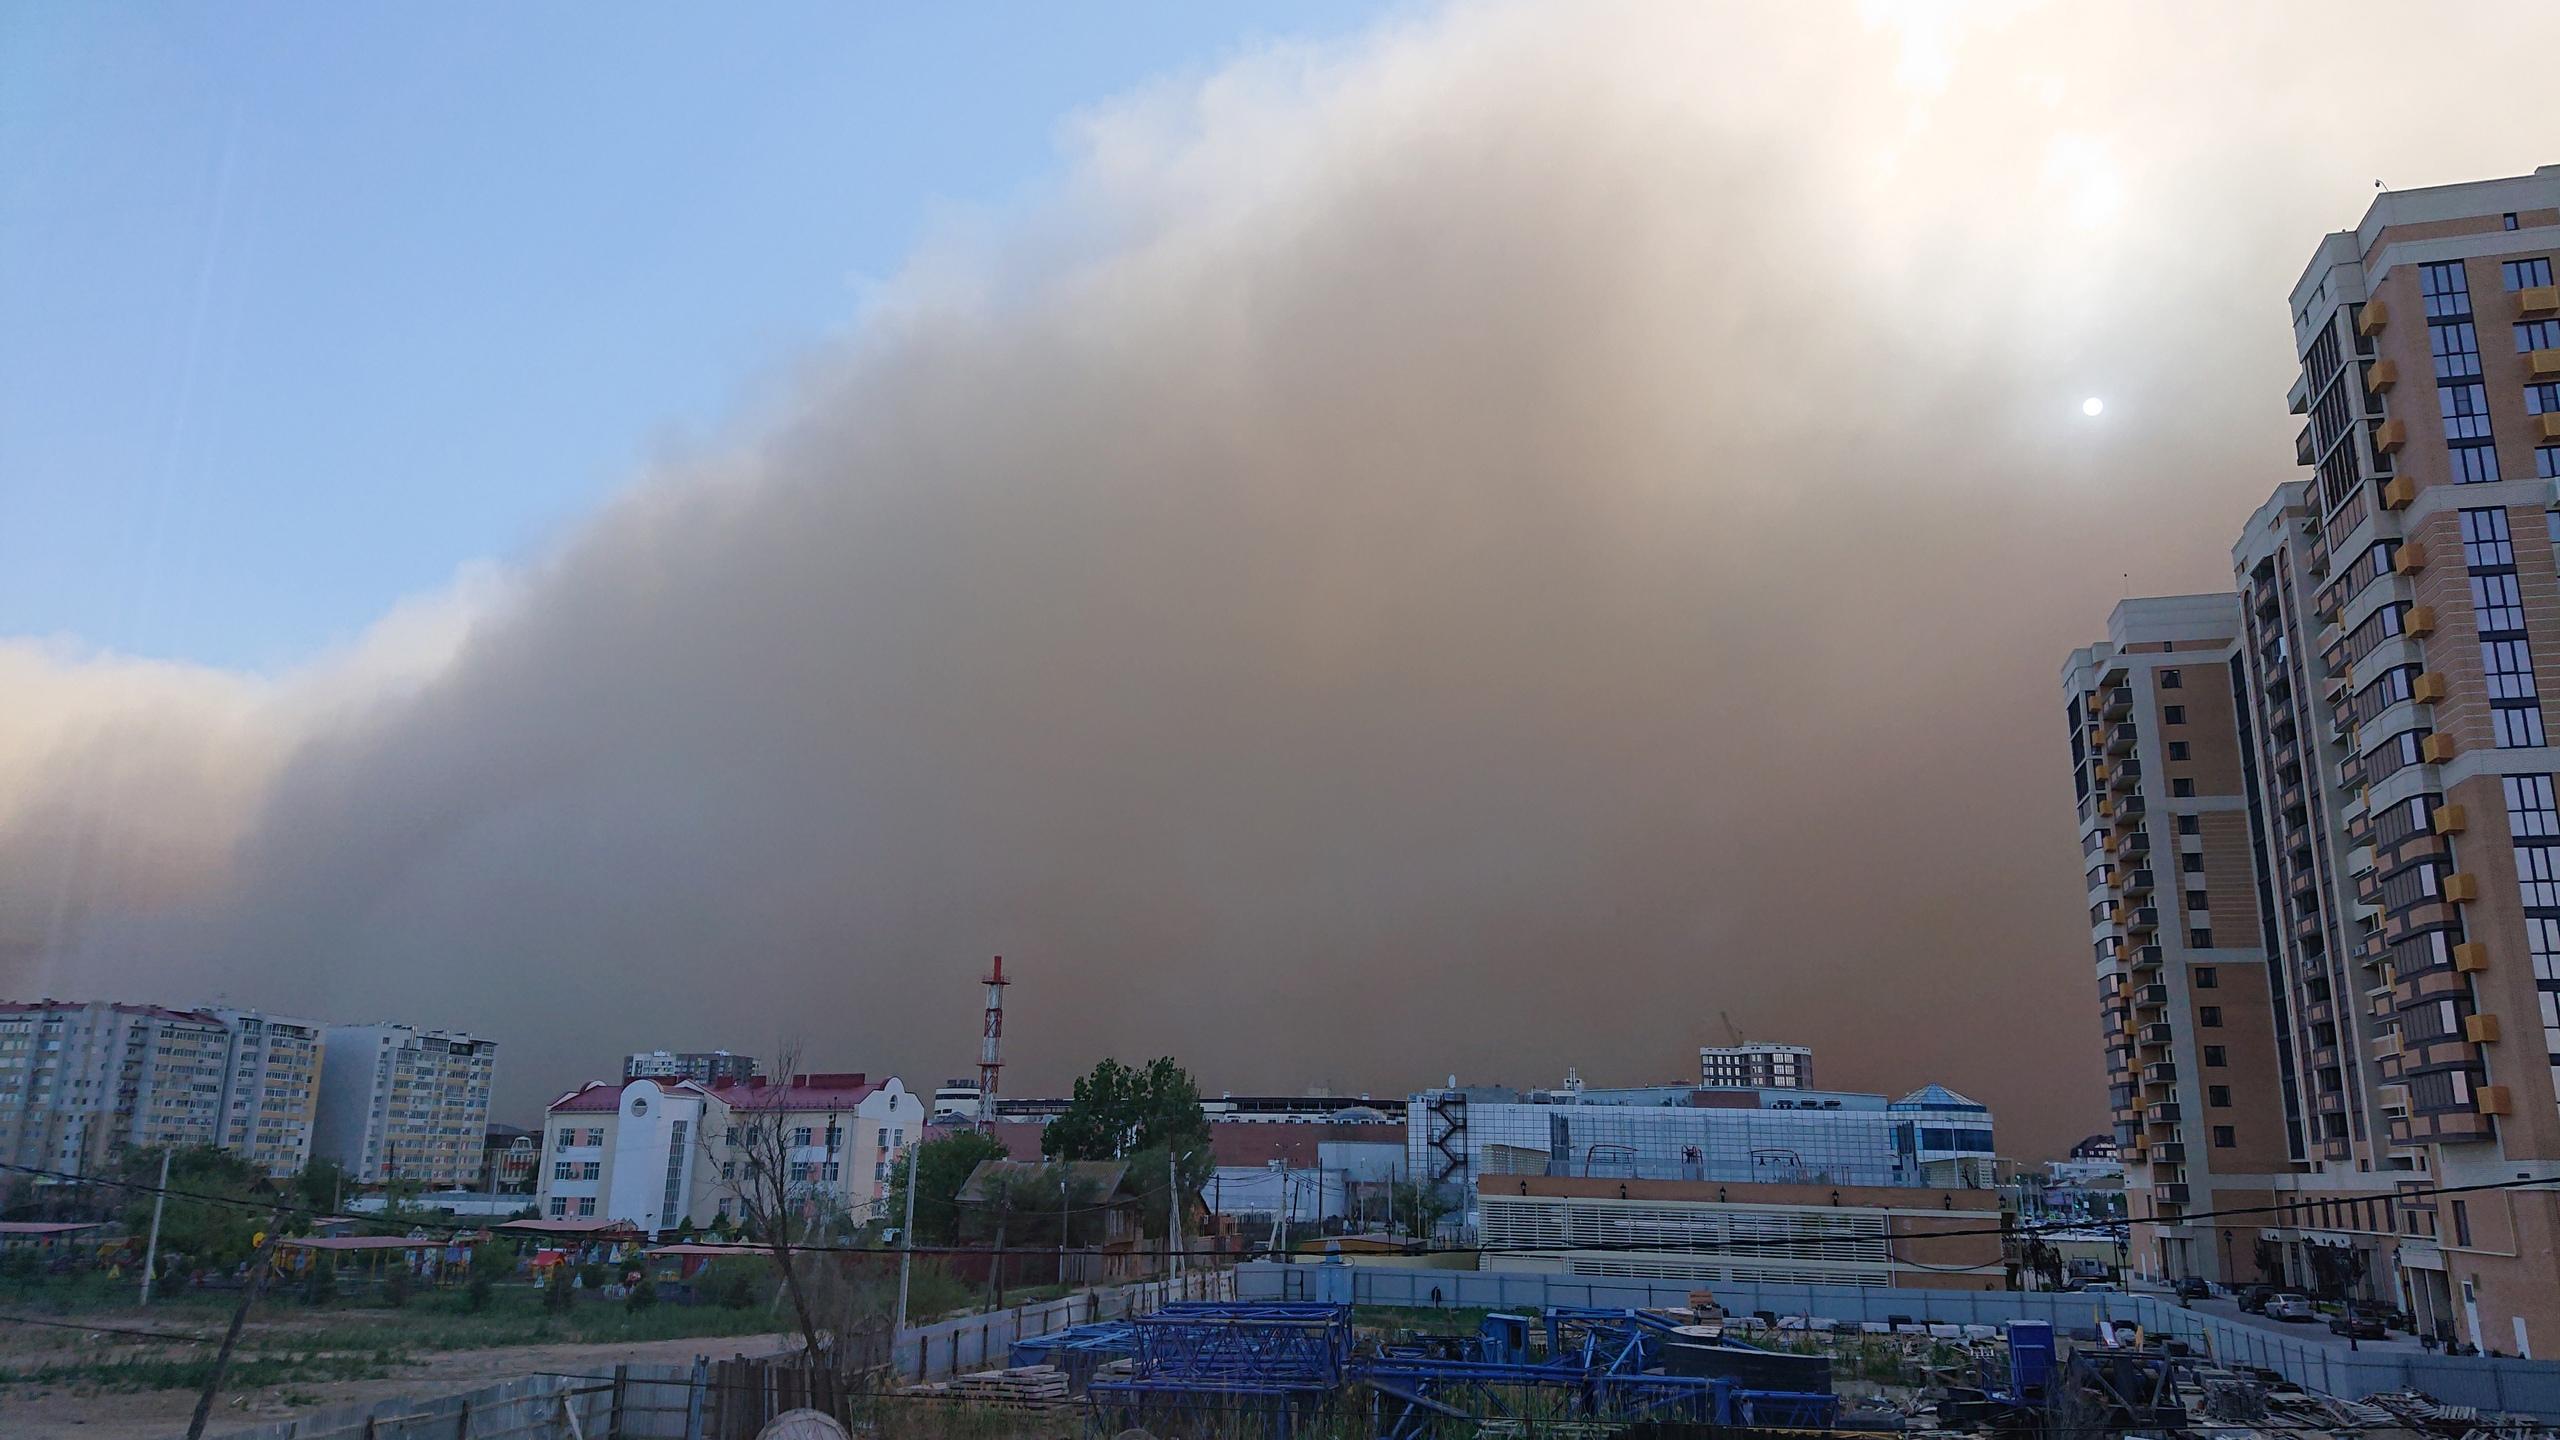 Метеоролог рассказала, отразится ли астраханская буря на качестве воздуха в Москве